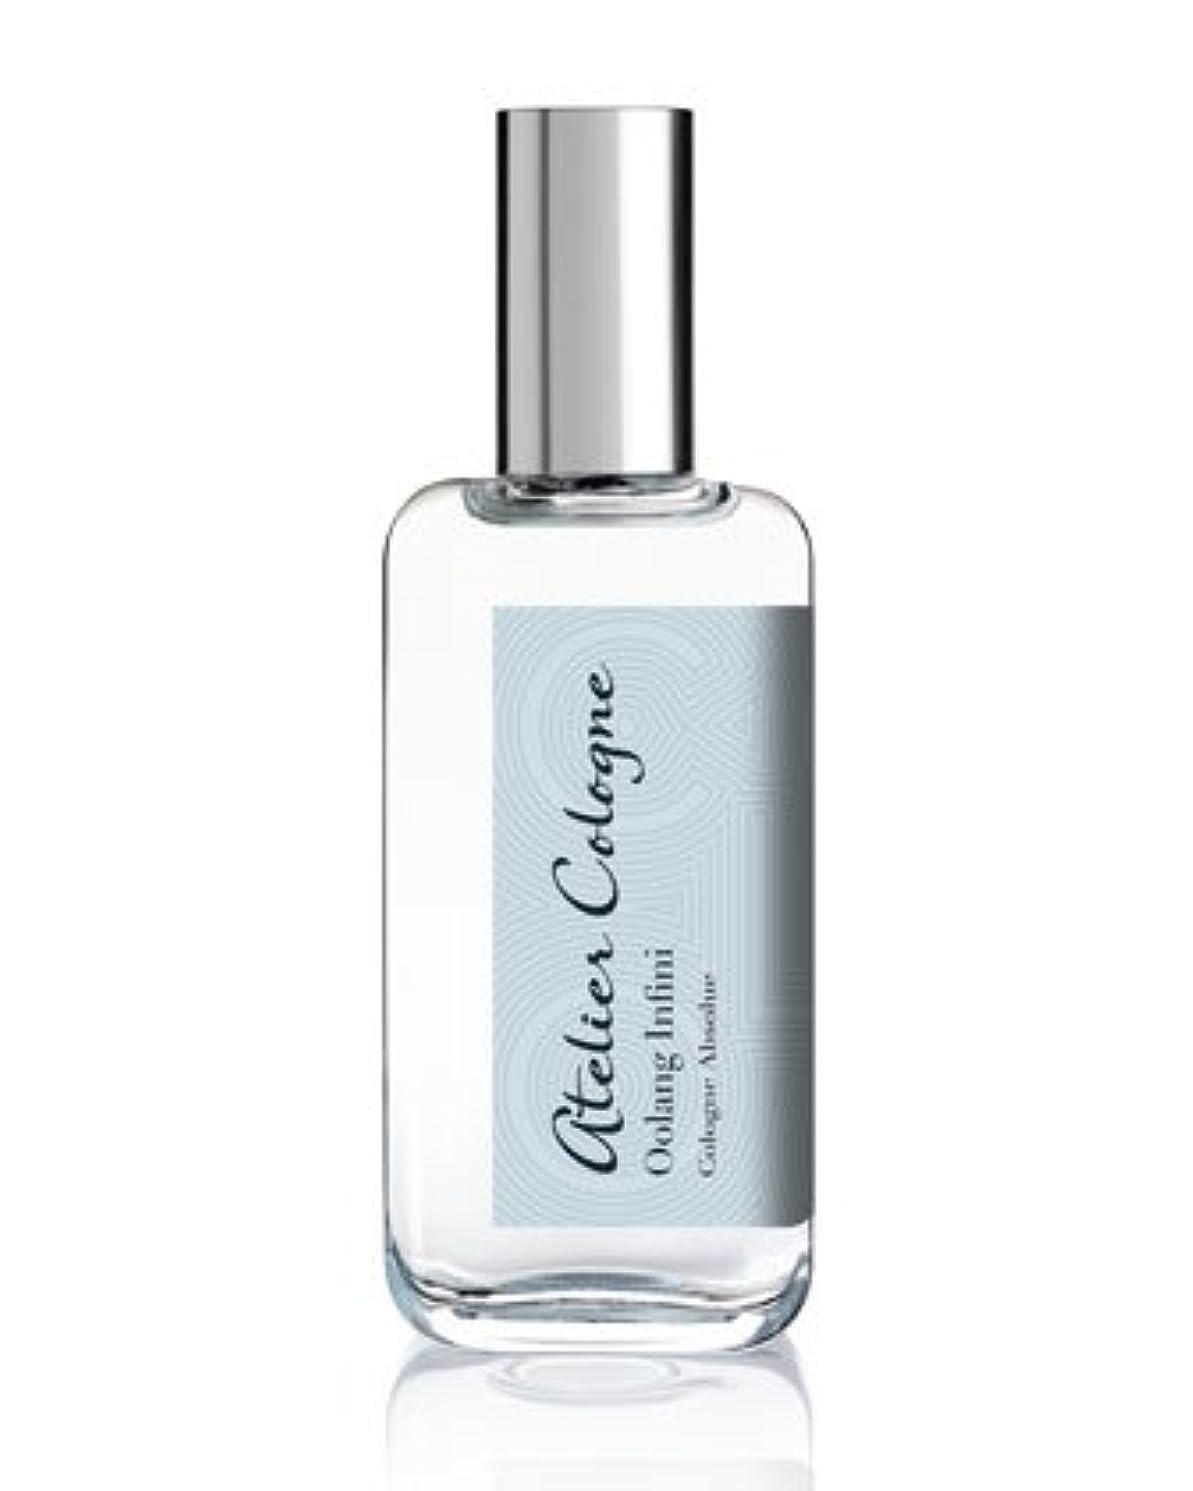 穴甘やかす別々にAtelier Cologne Oolang Infini (アトリエコロンオーラングインフィニー) 1.0 oz (30ml) Cologne Absolue